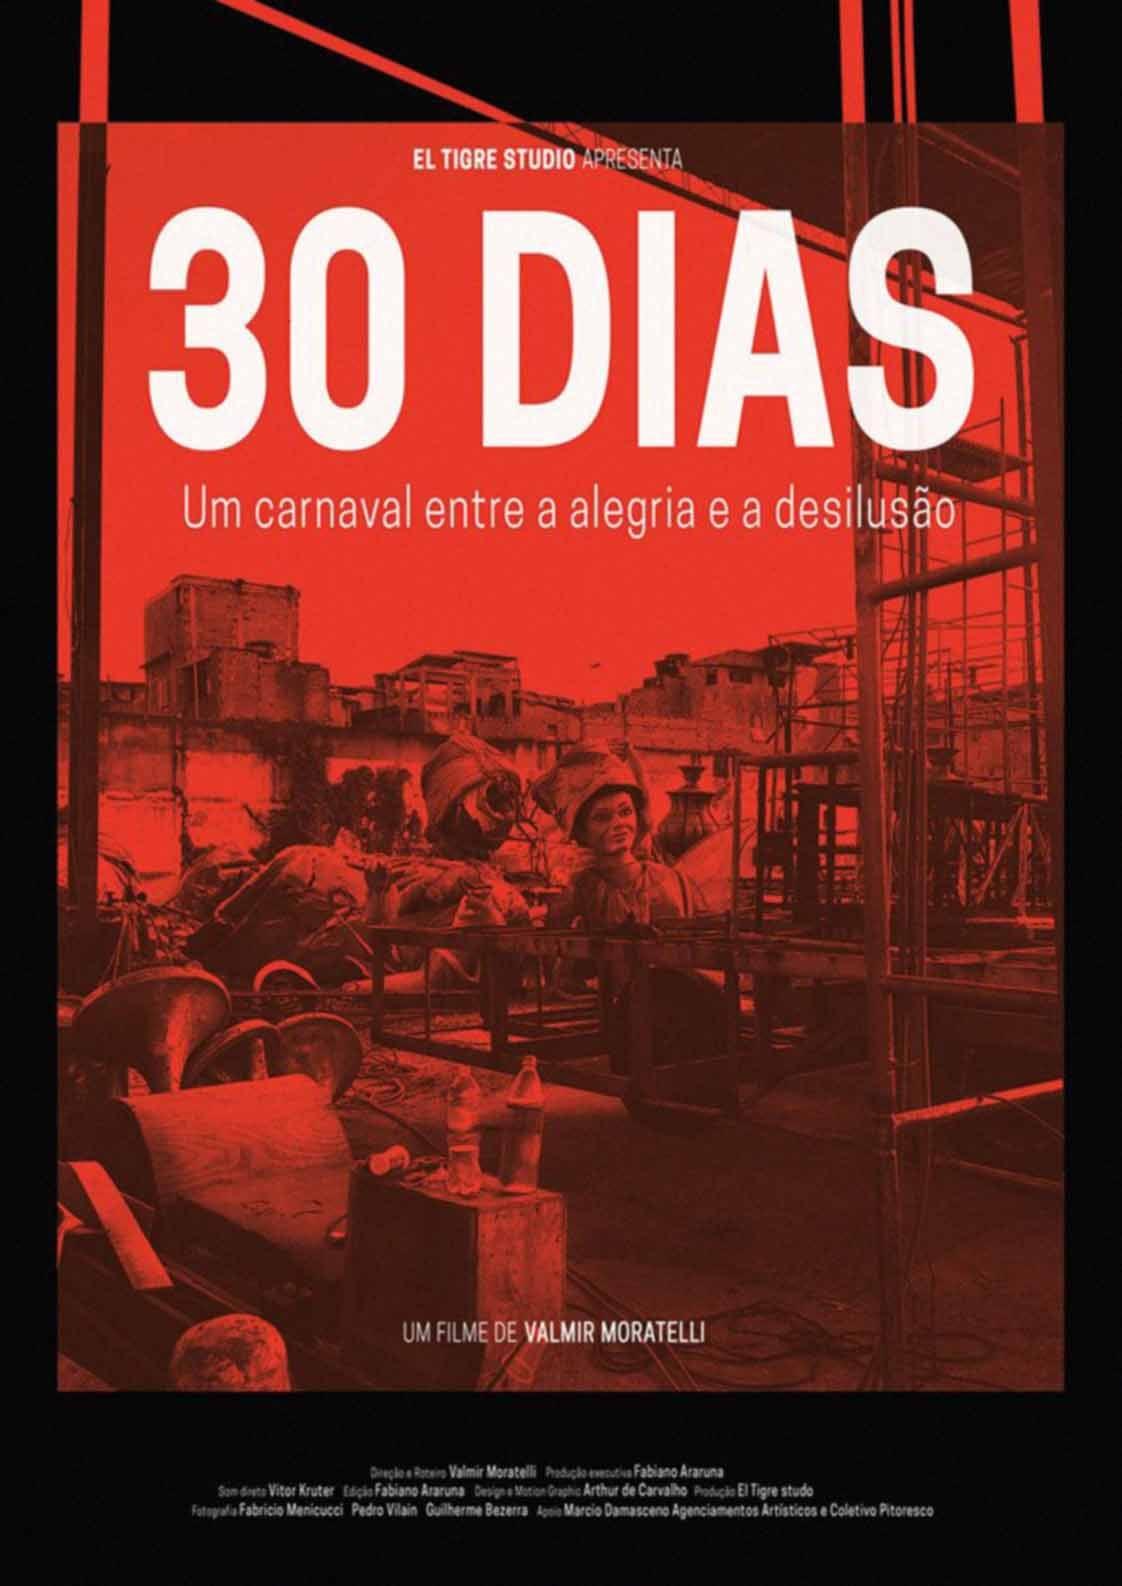 30 Dias - Um Carnaval Entre a Alegria e a Desilusão (2019)